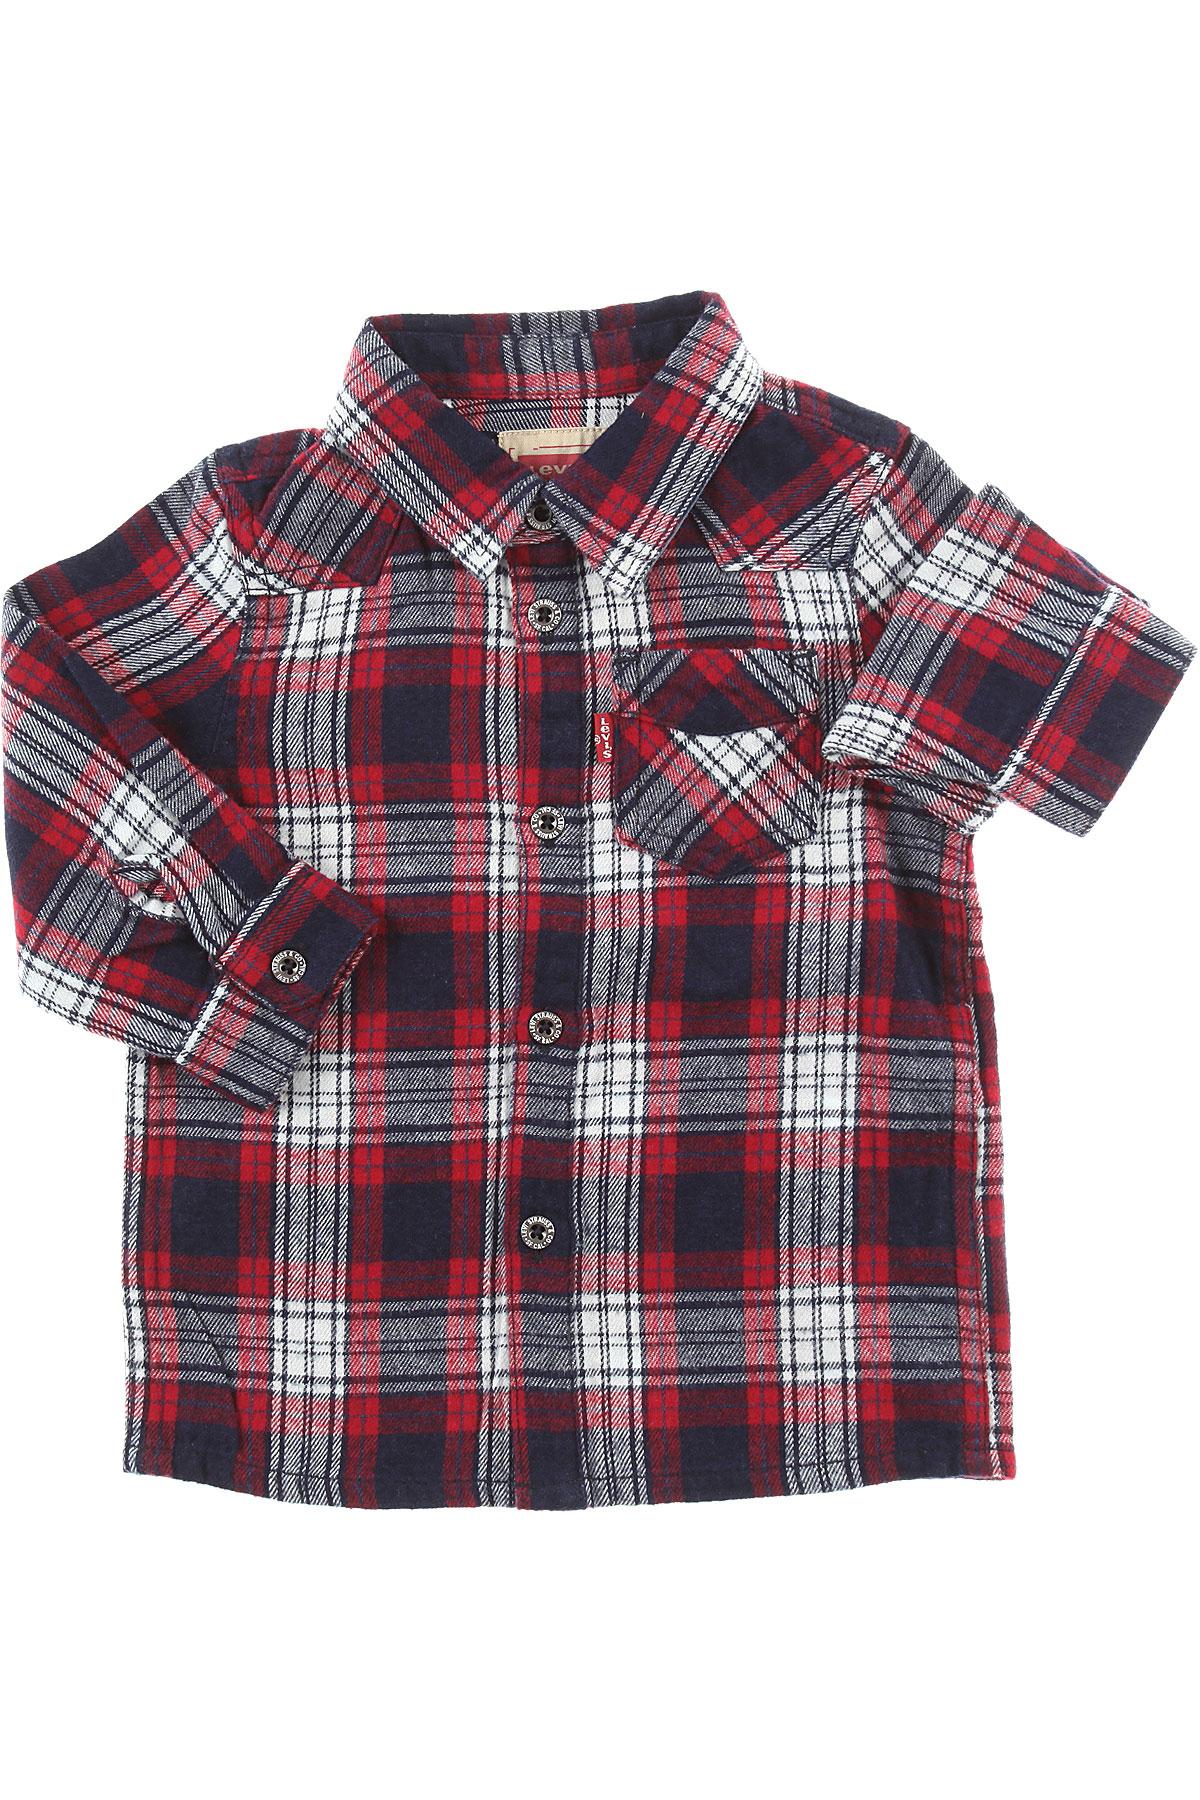 Levis Baby Shirts for Boys On Sale, Bordeaux, Cotton, 2019, 12 M 6M 9M